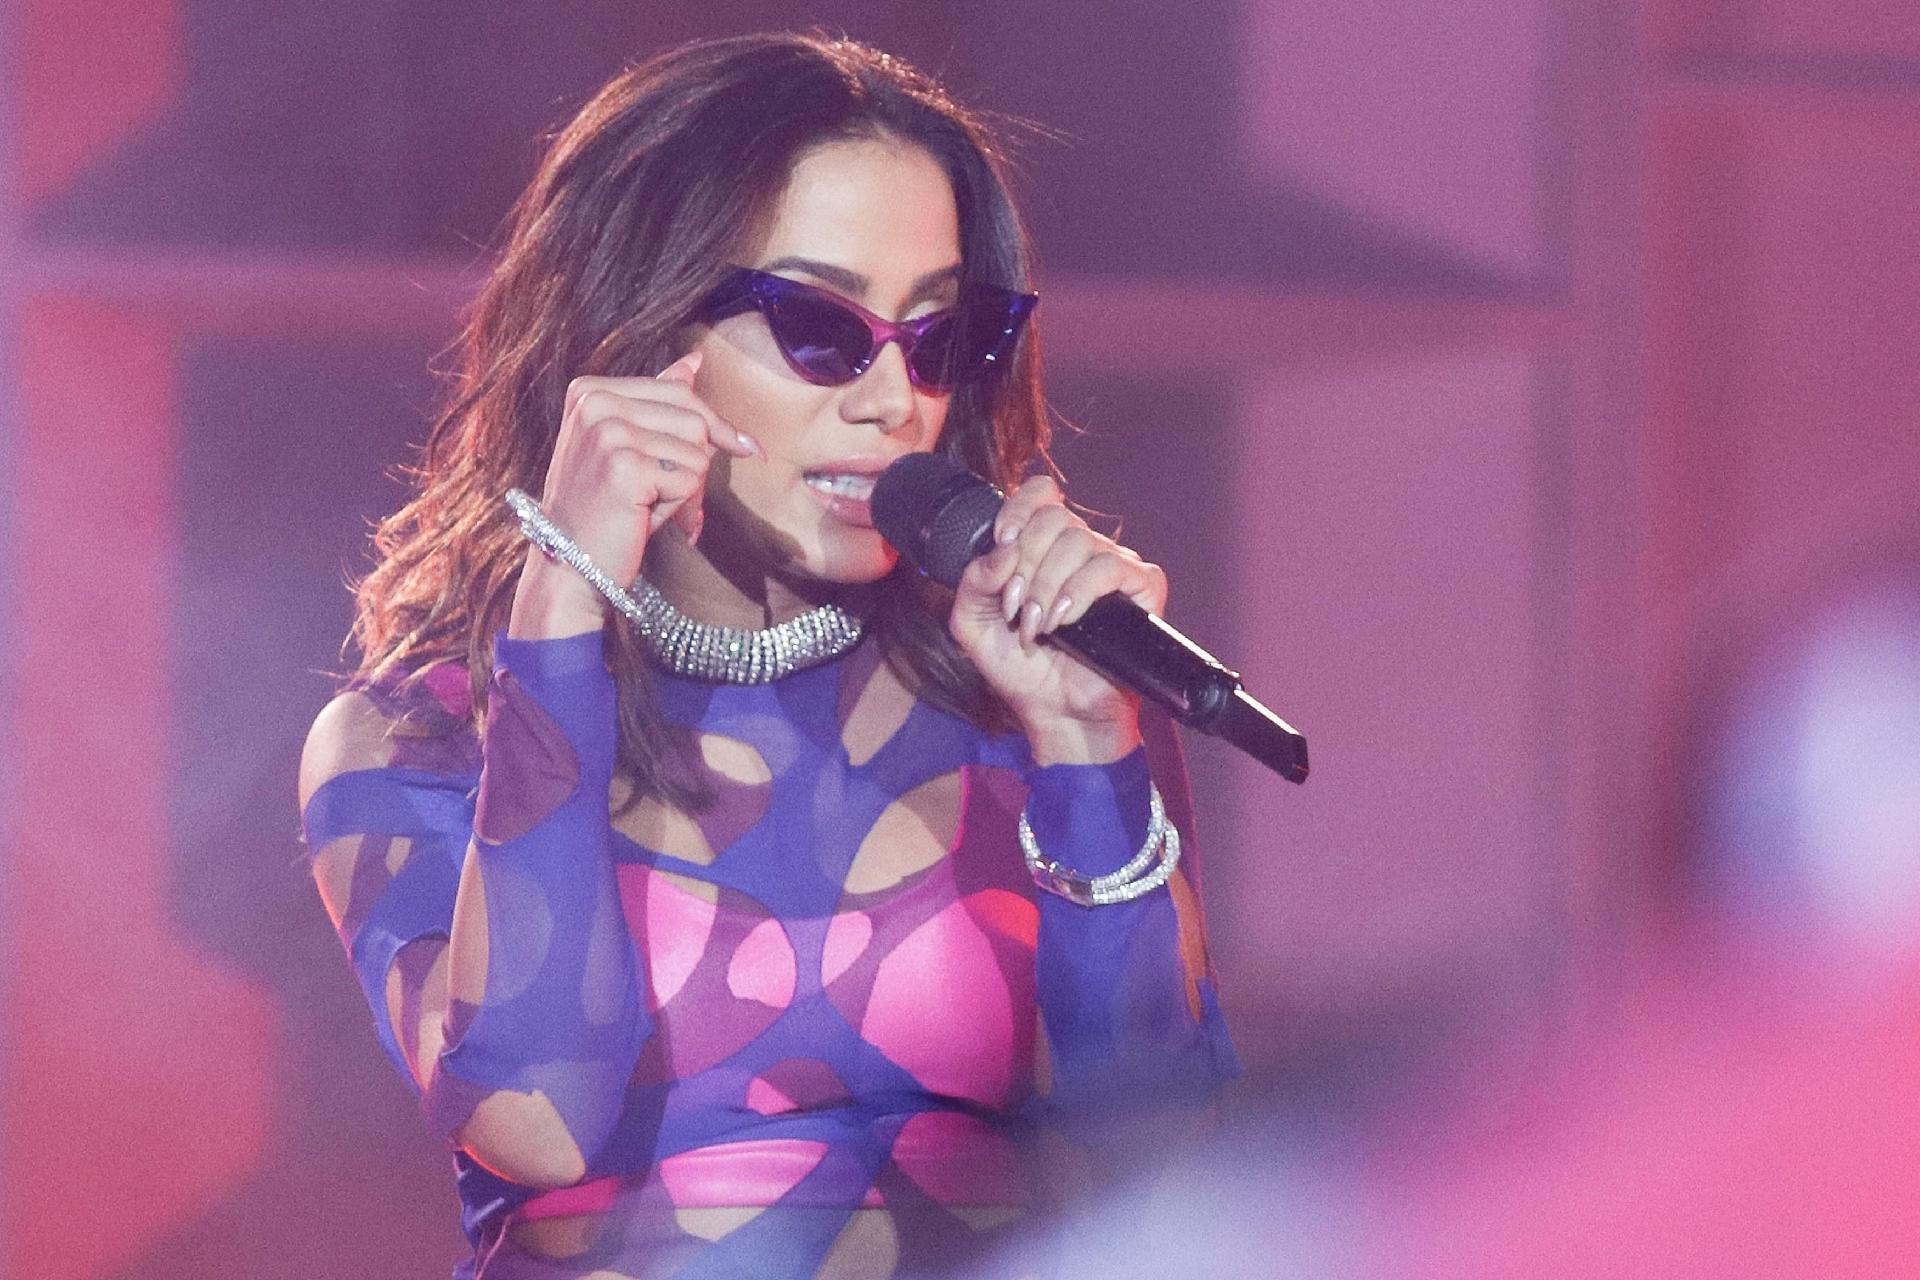 A cantora Anitta foi trocada por Bolsonaro pelo público (Foto: Divulgação)